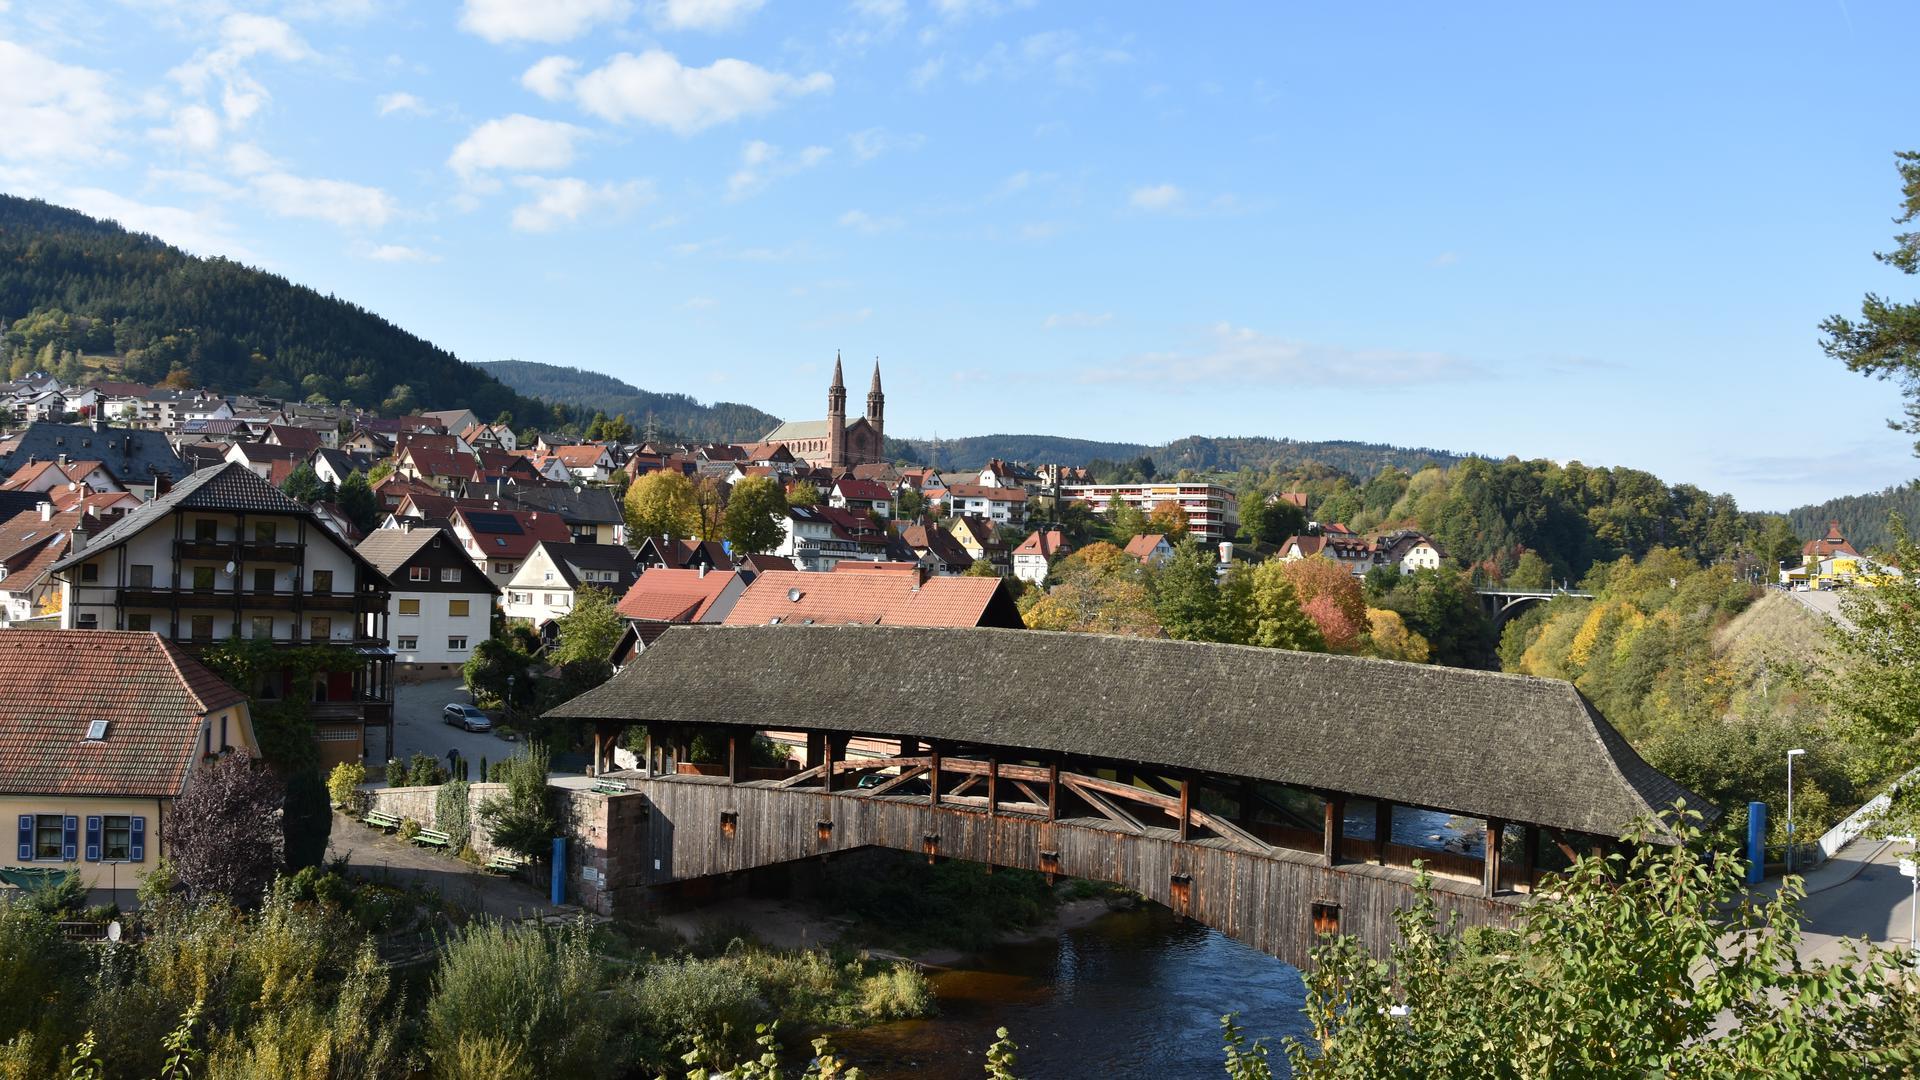 Forbach Ortsansicht mit Holzbrücke